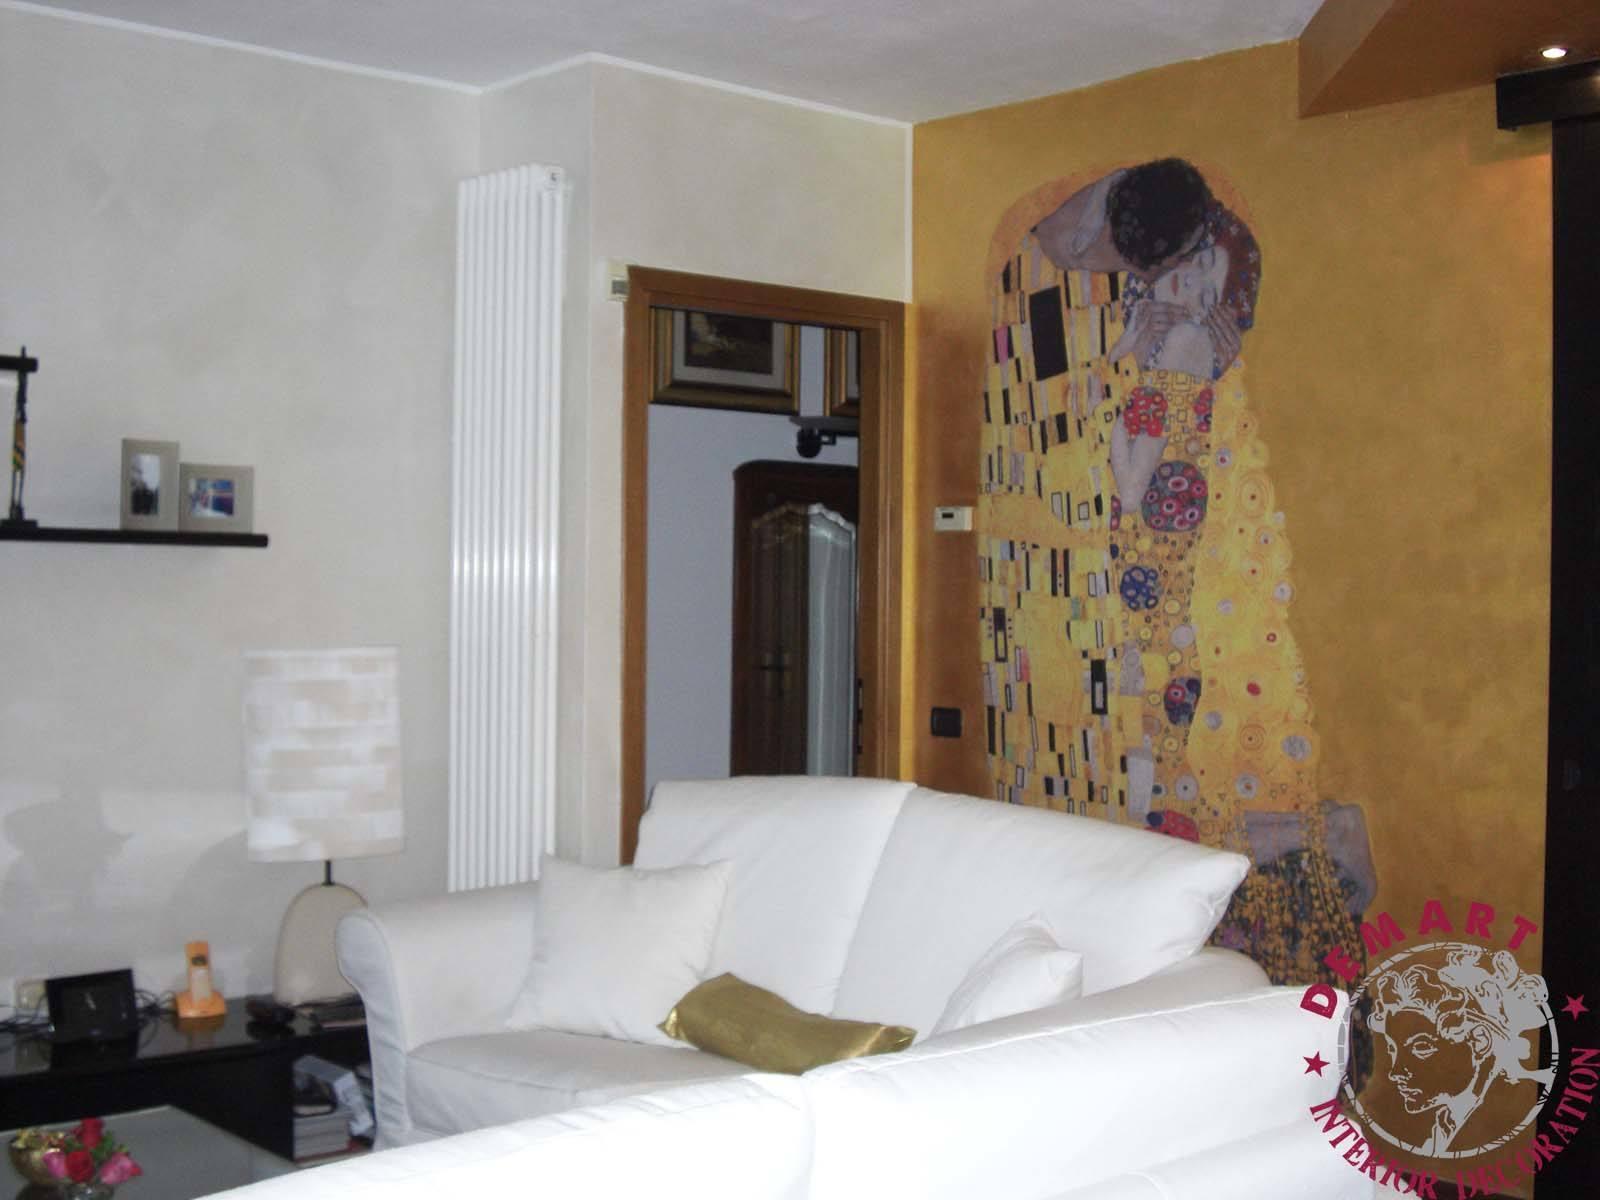 decorazione-parete-affresco-digitale-soggiorno-privato-kandinsky-05 ...